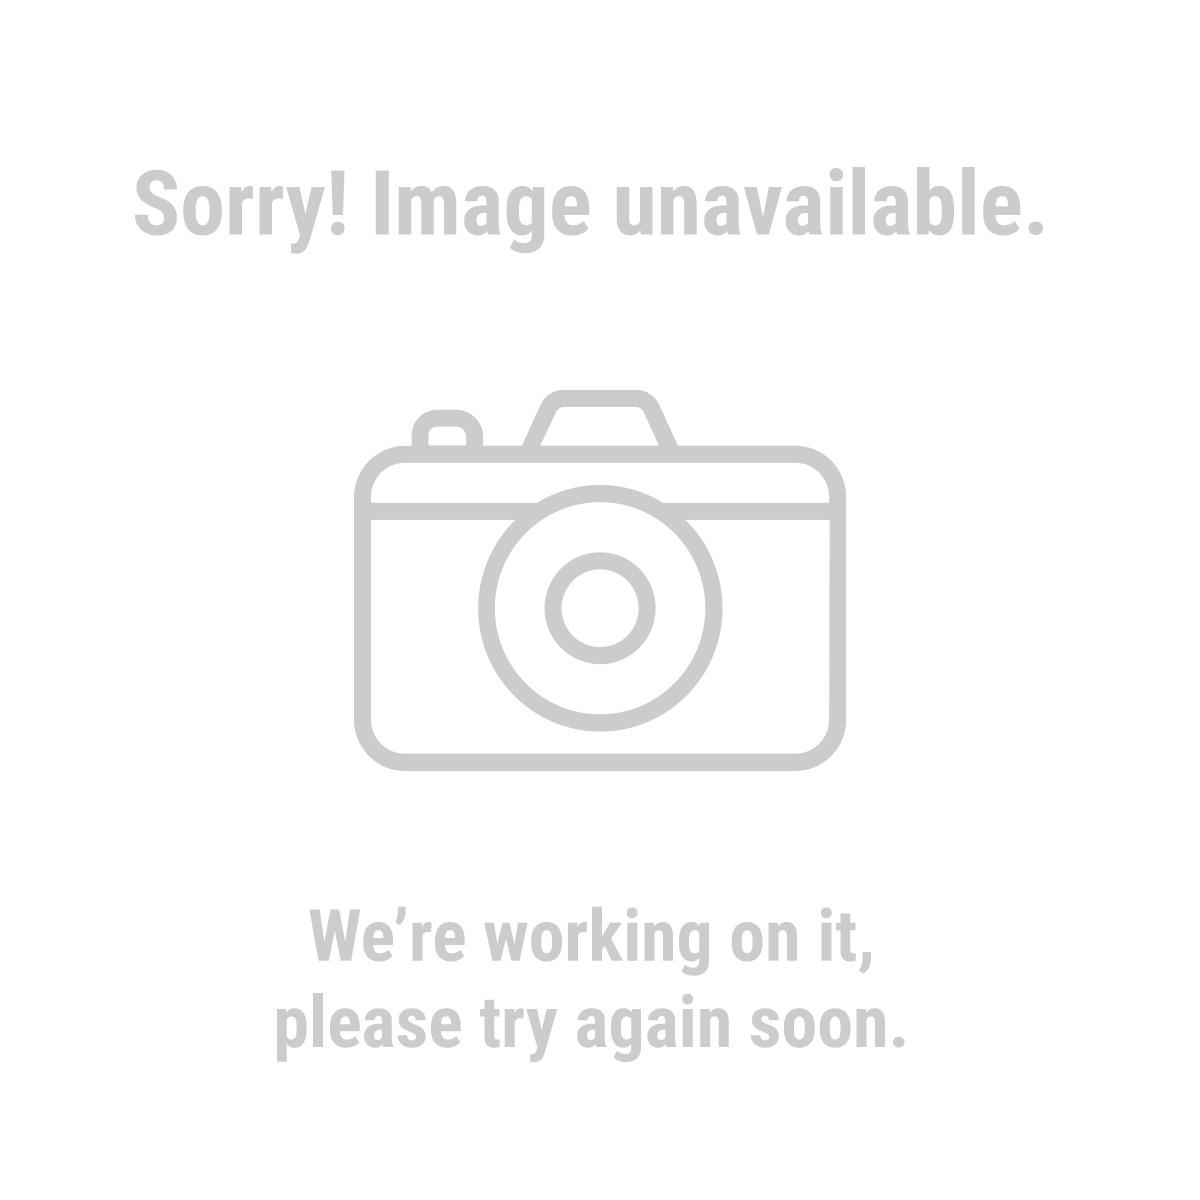 Blackjack 7 gallon air tank